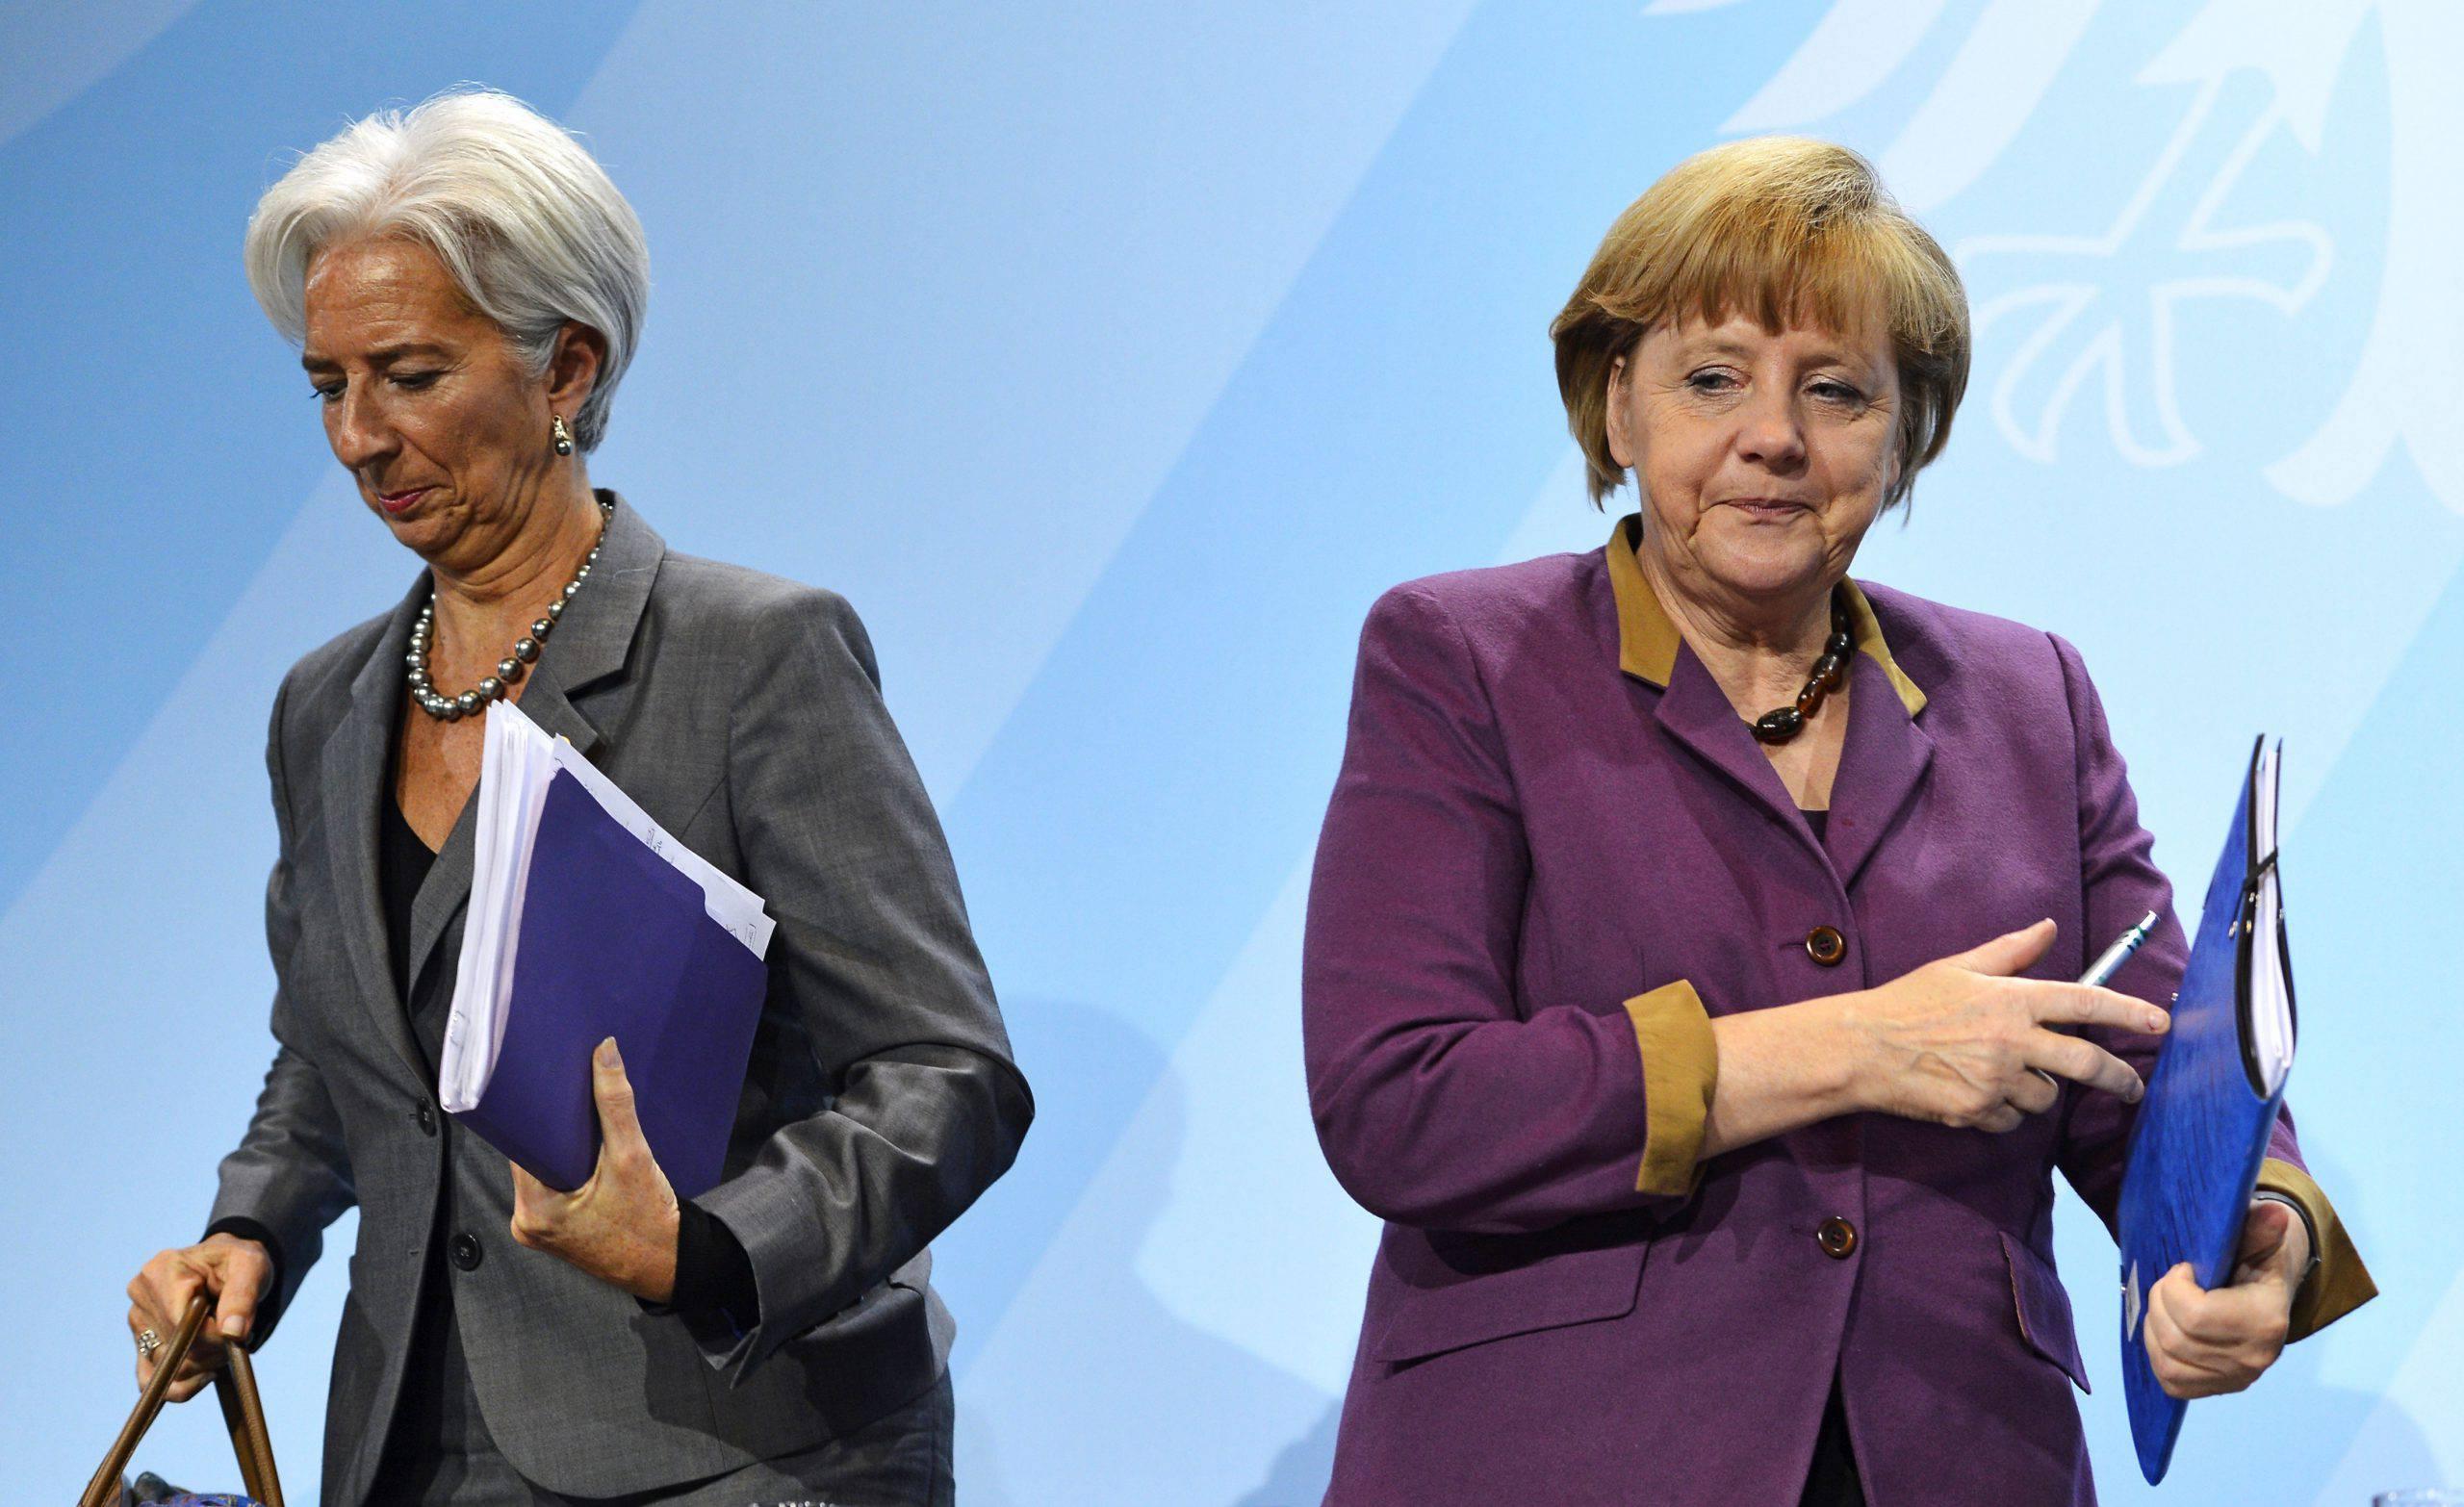 La Corte Costituzionale tedesca chiede chiarimenti alla BCE sul programma d'emergenza per la crisi - Leggilo.org